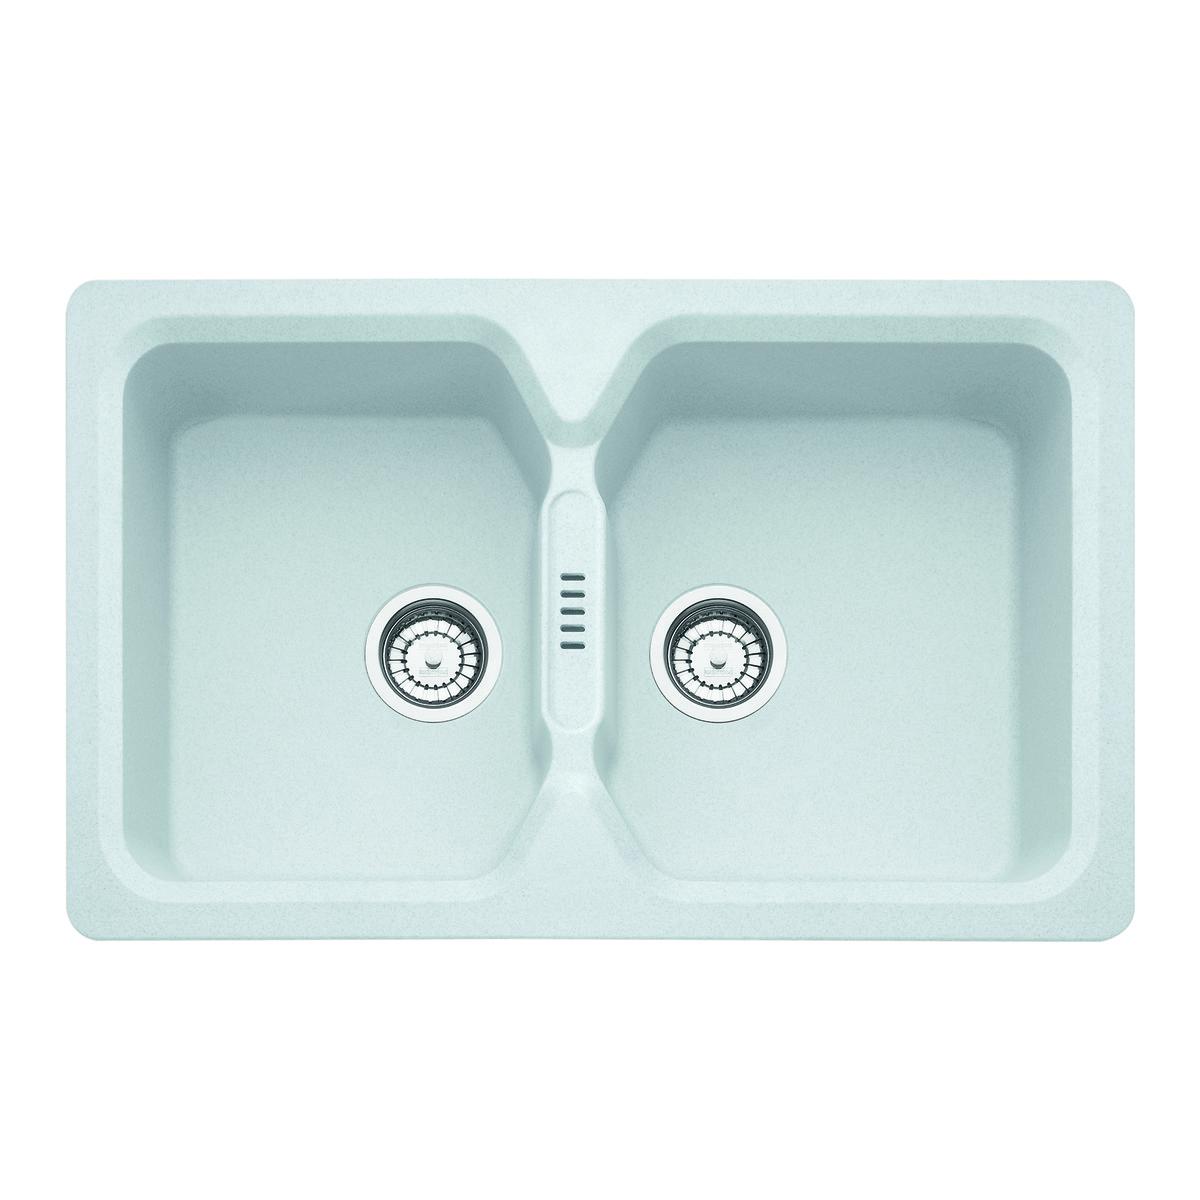 ᐅ LAVELLO in FRAGRANITE BIANCO cucina una due vasche ᐅ Prezzi